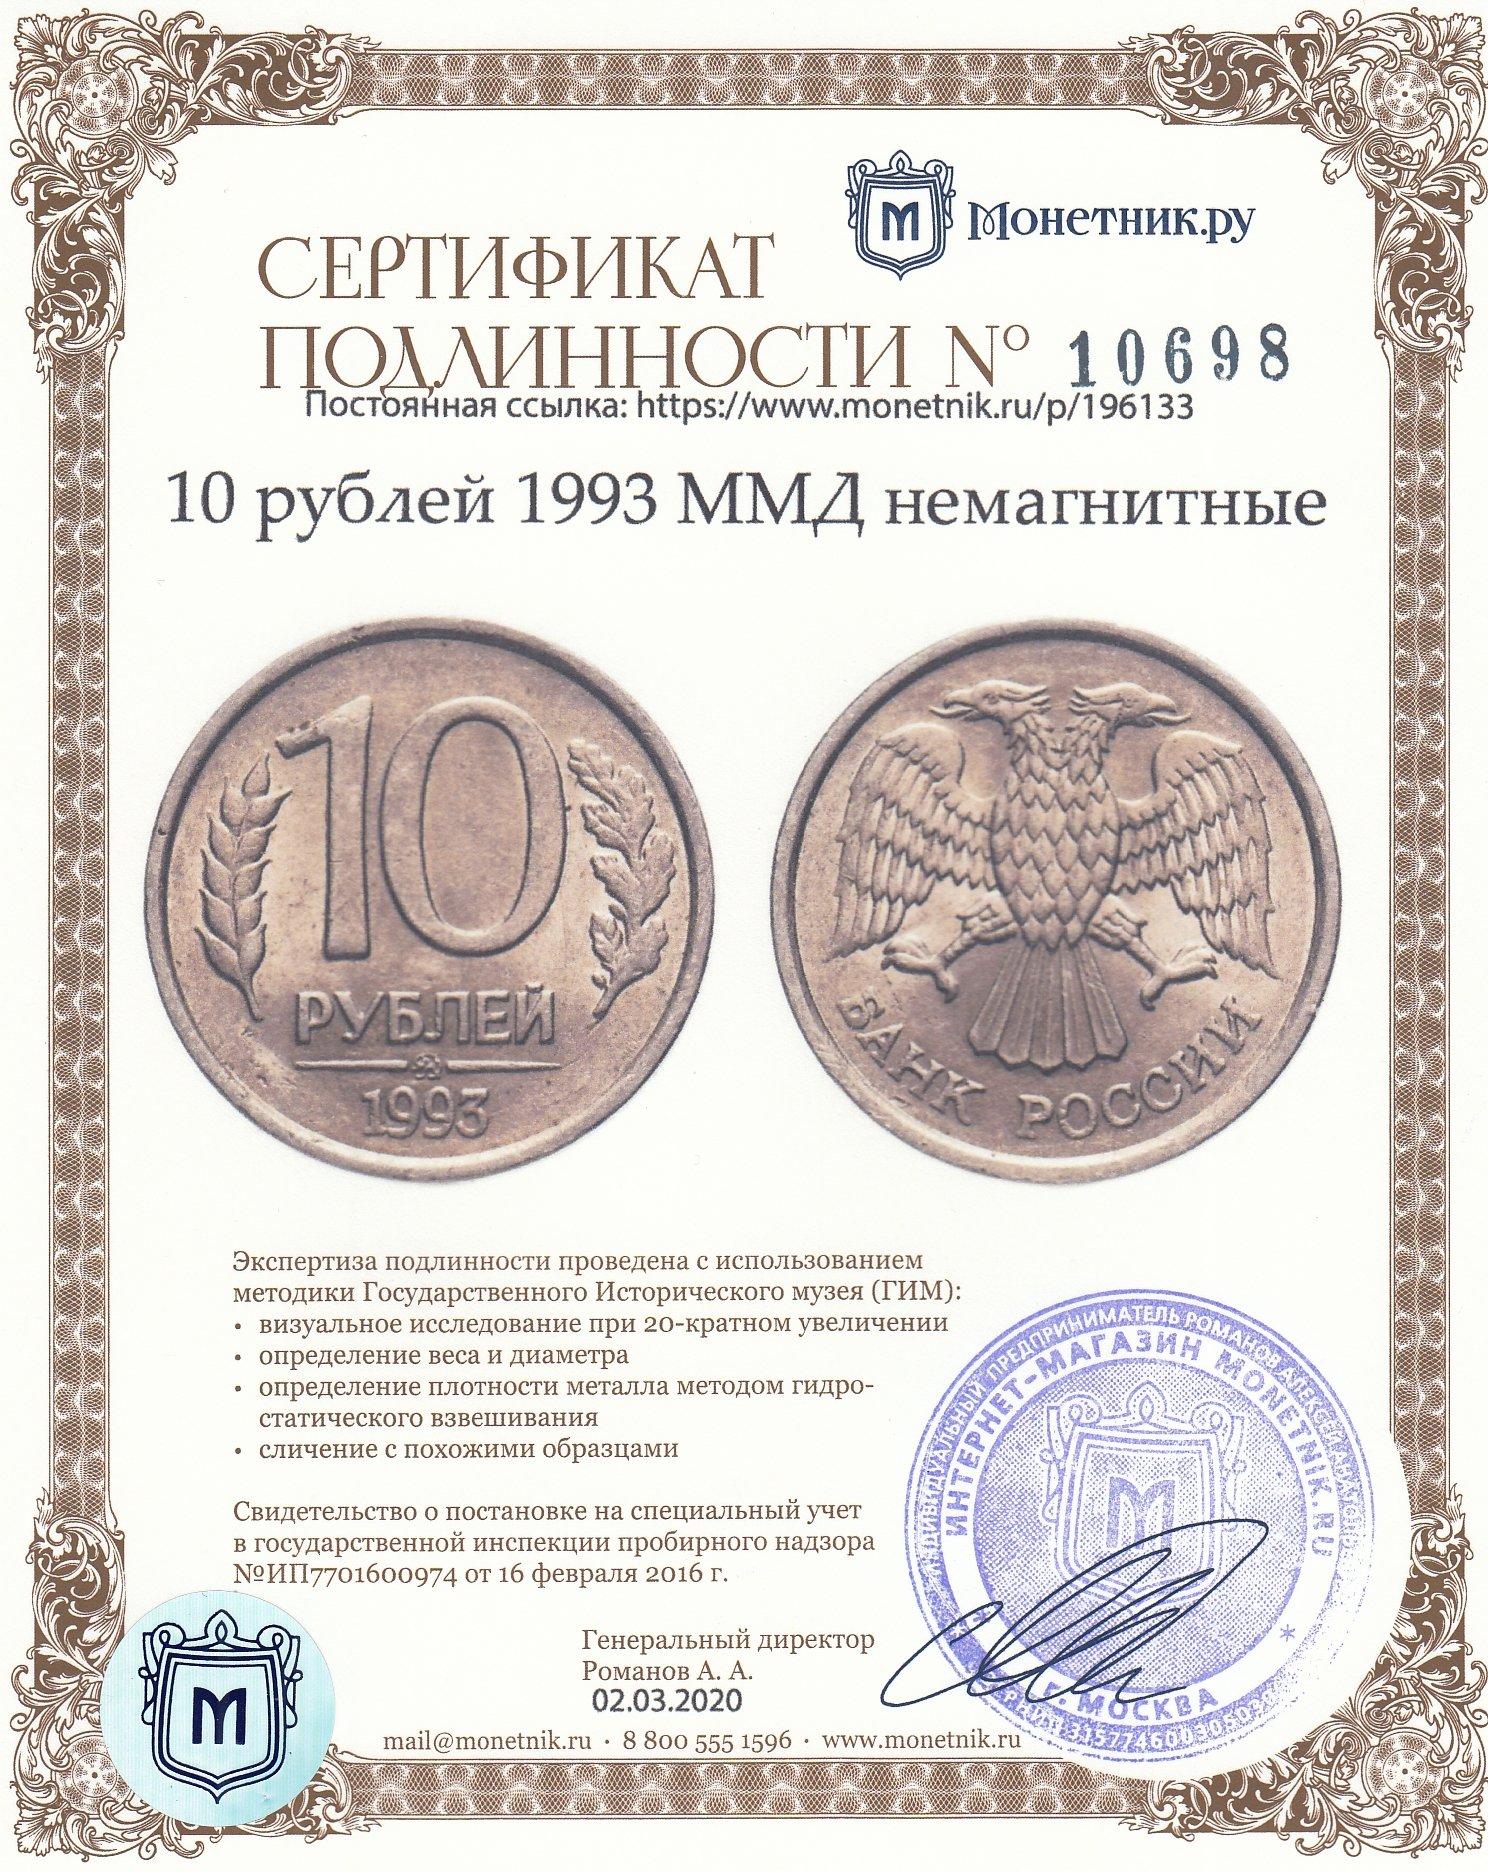 10 рублей 1993 года - цена монеты, стоимость | 1872x1488